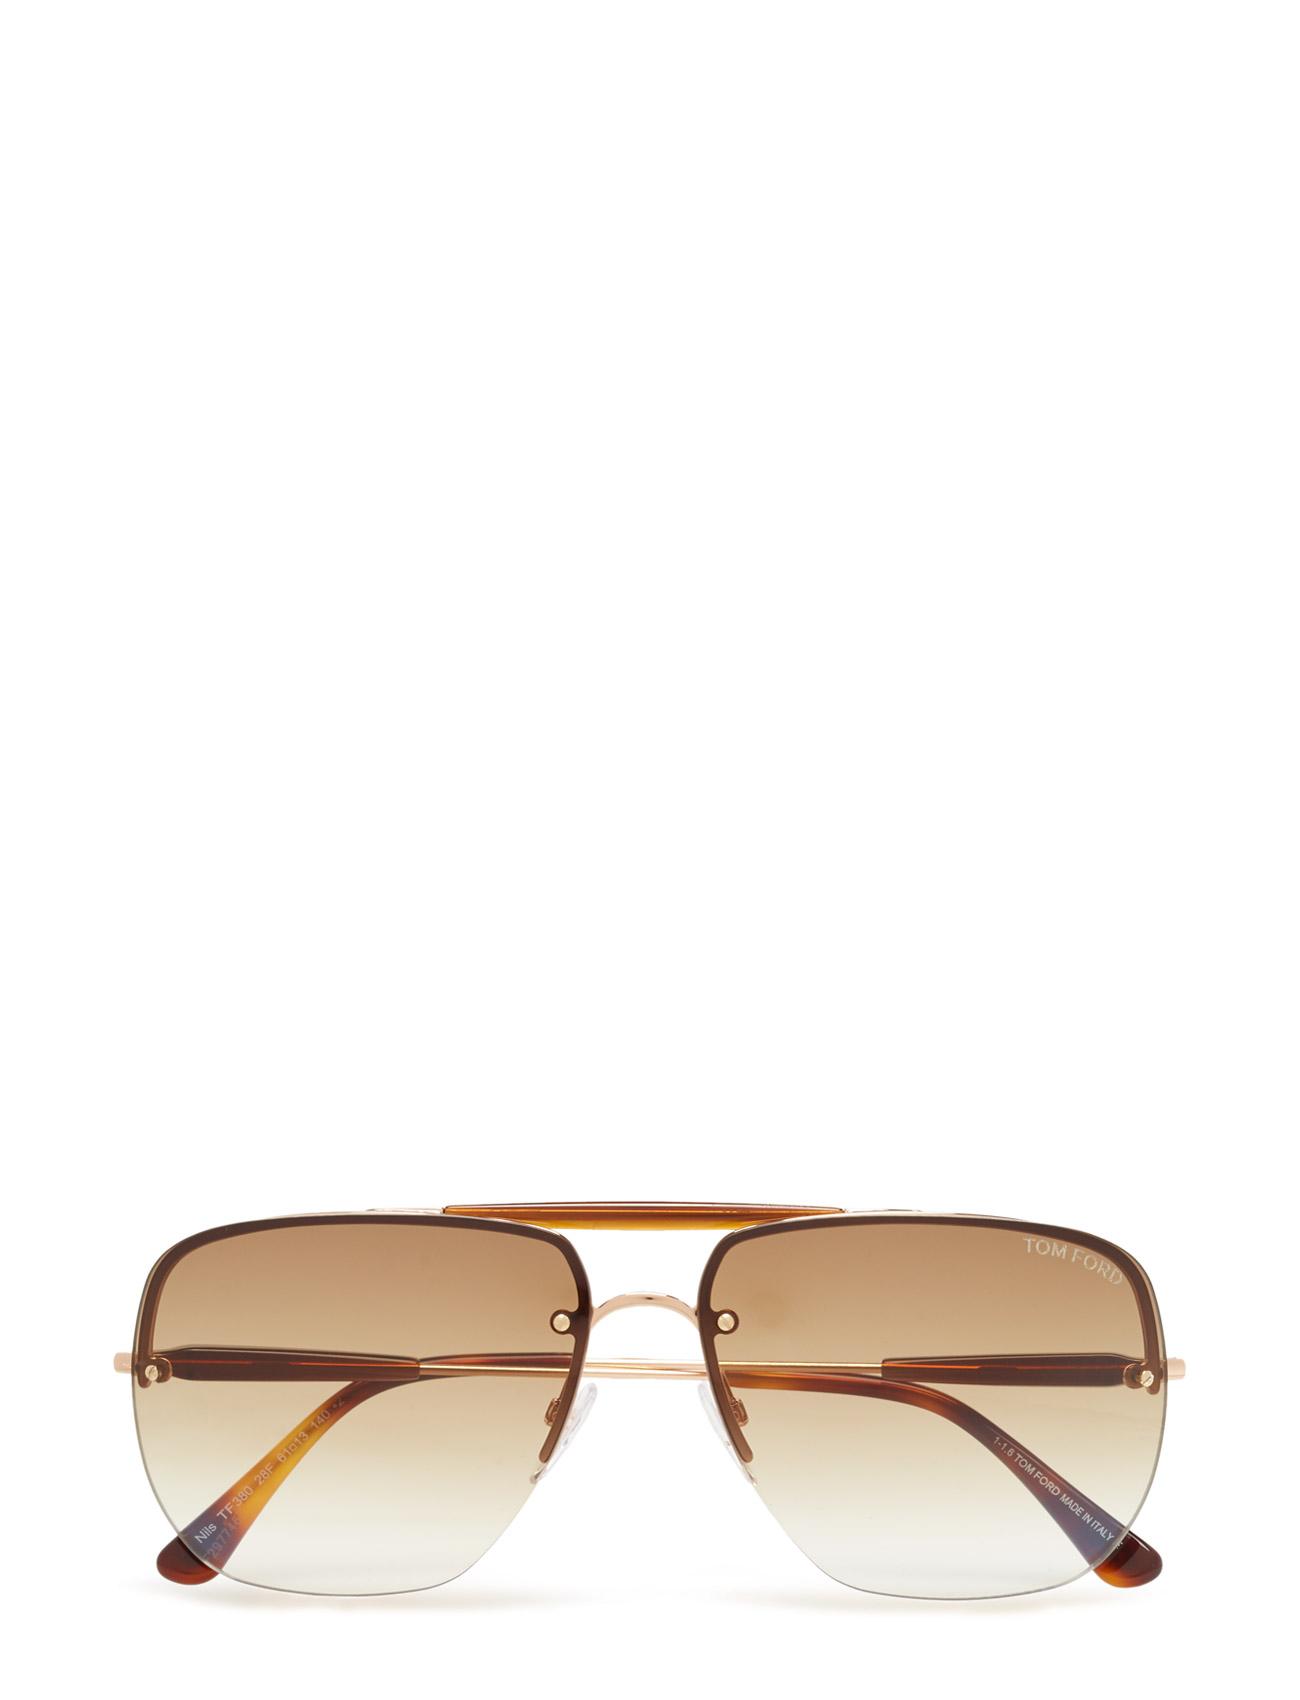 Tom Ford Nils Tom Ford Sunglasses Solbriller til Mænd i